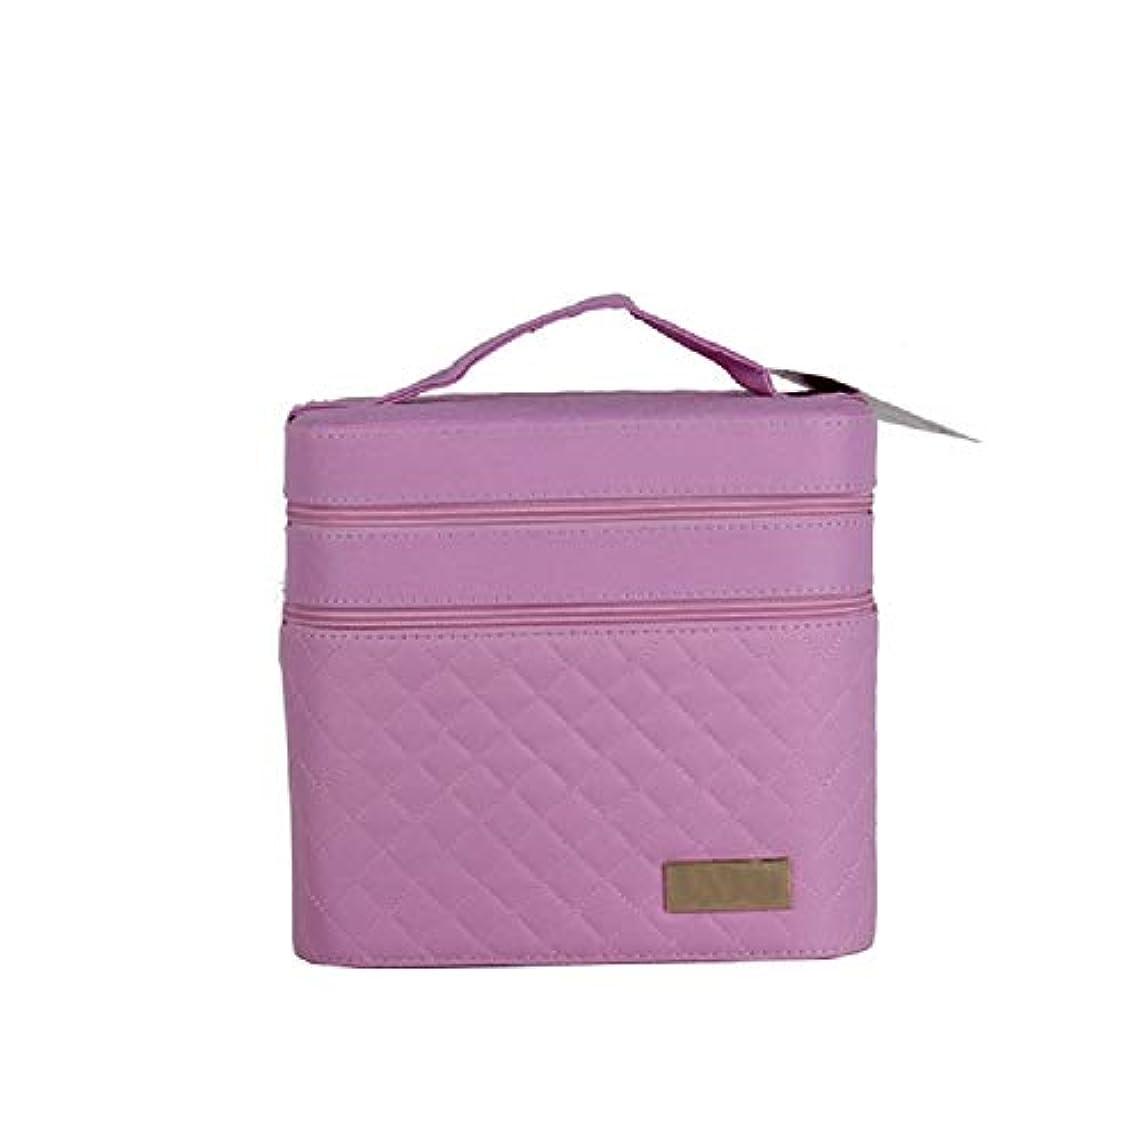 センサー反映する積分化粧オーガナイザーバッグ ジッパーと化粧鏡で小さなものの種類の旅行のための美容メイクアップのためのピンクのポータブル化粧品バッグ 化粧品ケース